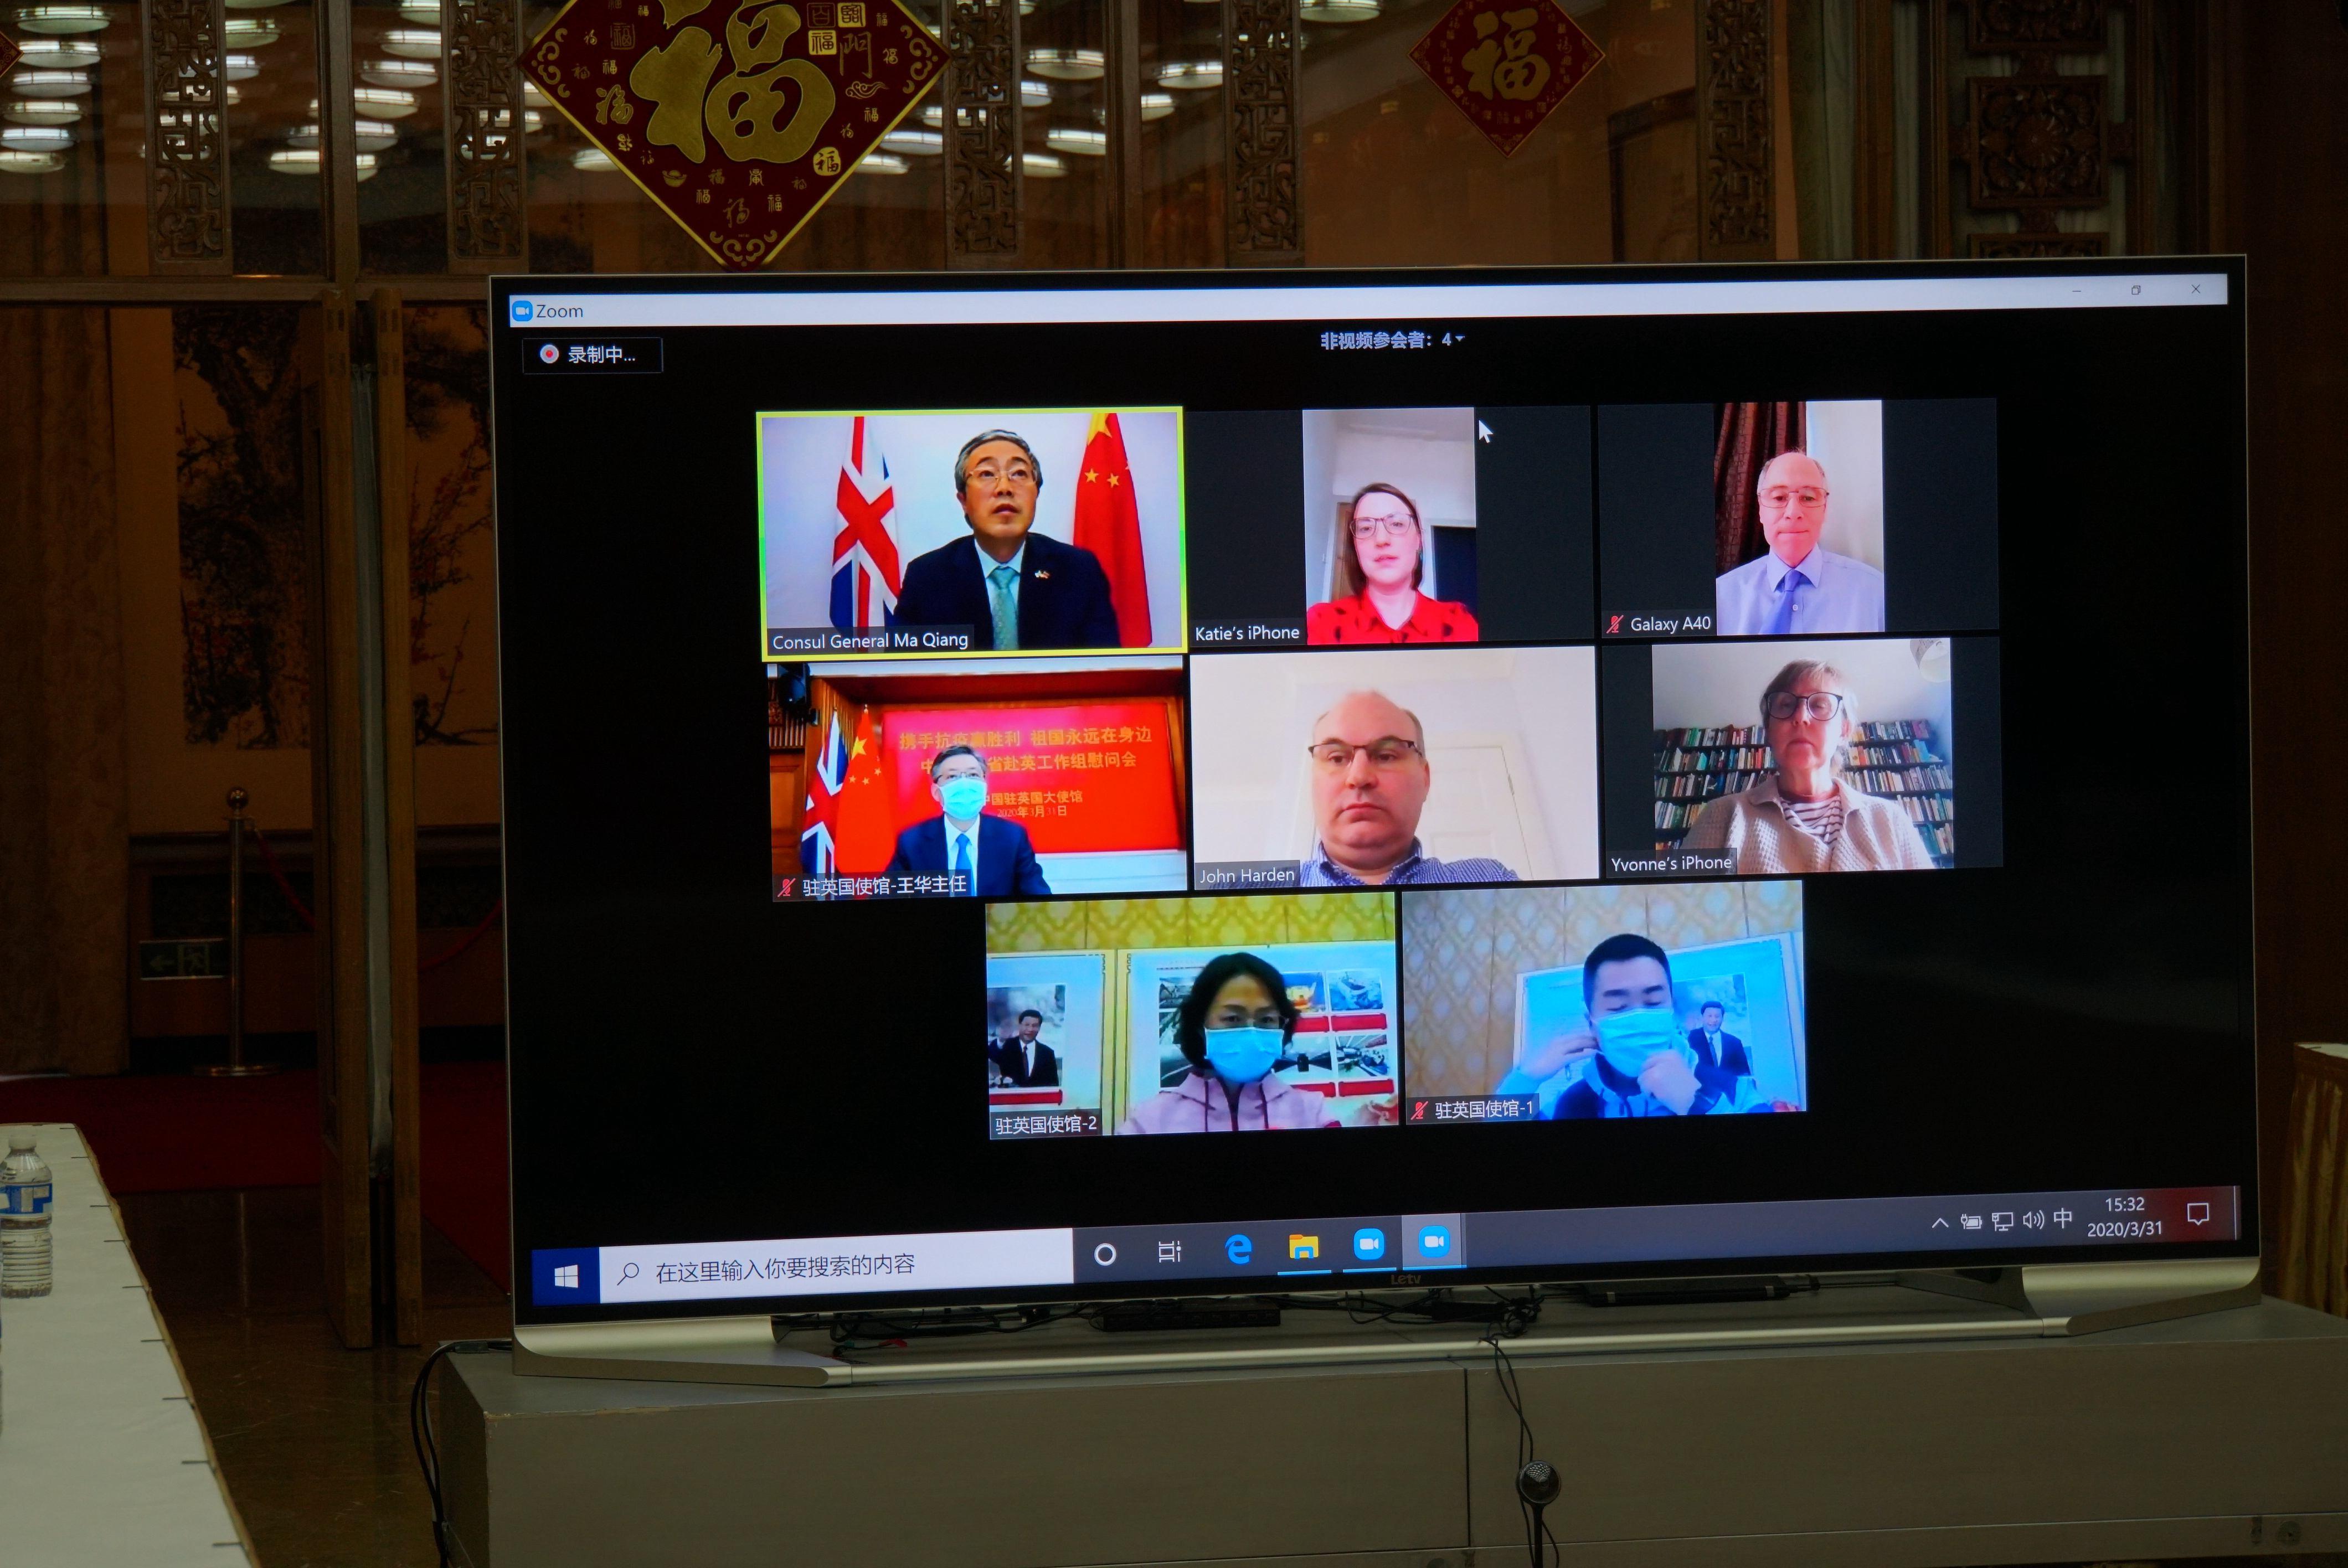 「环球时报-环球网|易访」中国赴英医疗工作组:英国卫生人员对中国社区联防和集中隔离措施很感兴趣